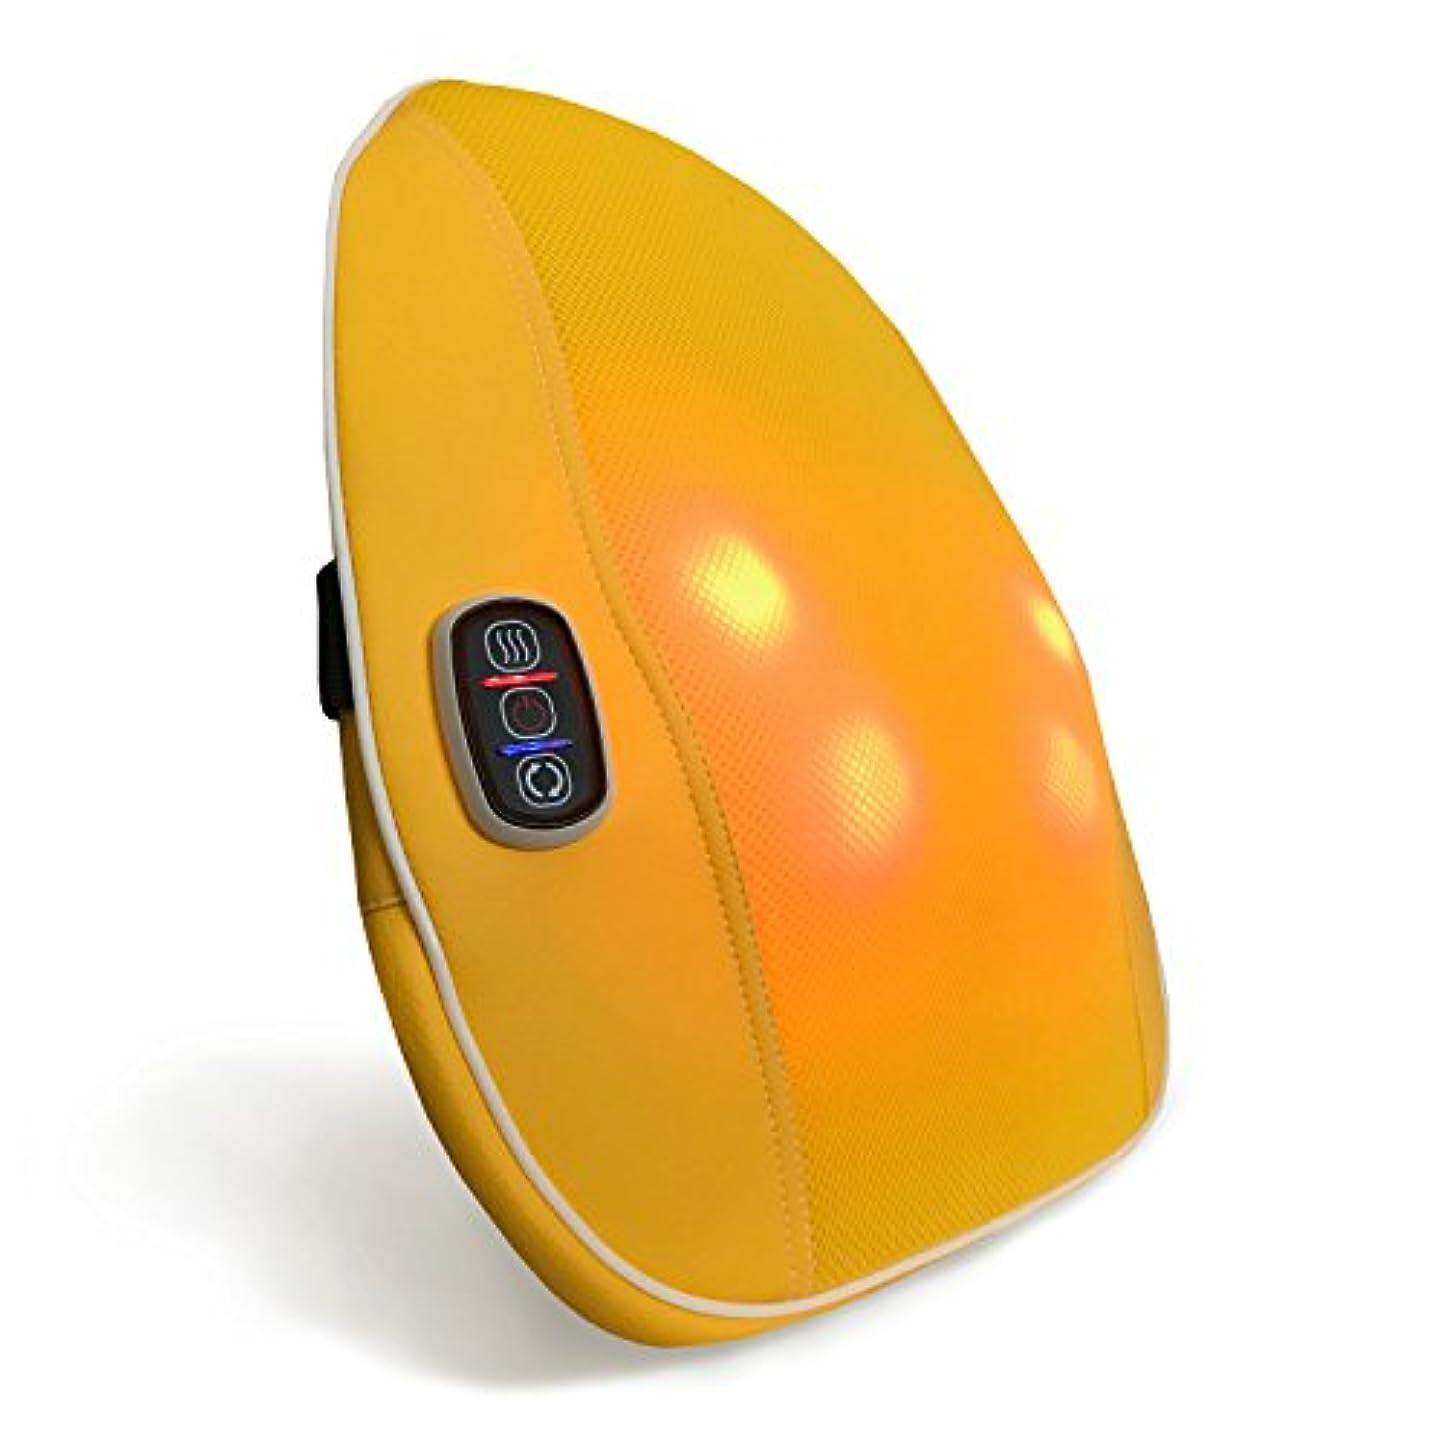 判決楽観オーストラリアクロシオ スマートマッサージャー パプリカ イエロー 幅40cm 厚み9cm もみ玉式マッサージ器 薄型 簡単操作 マッサージクッション